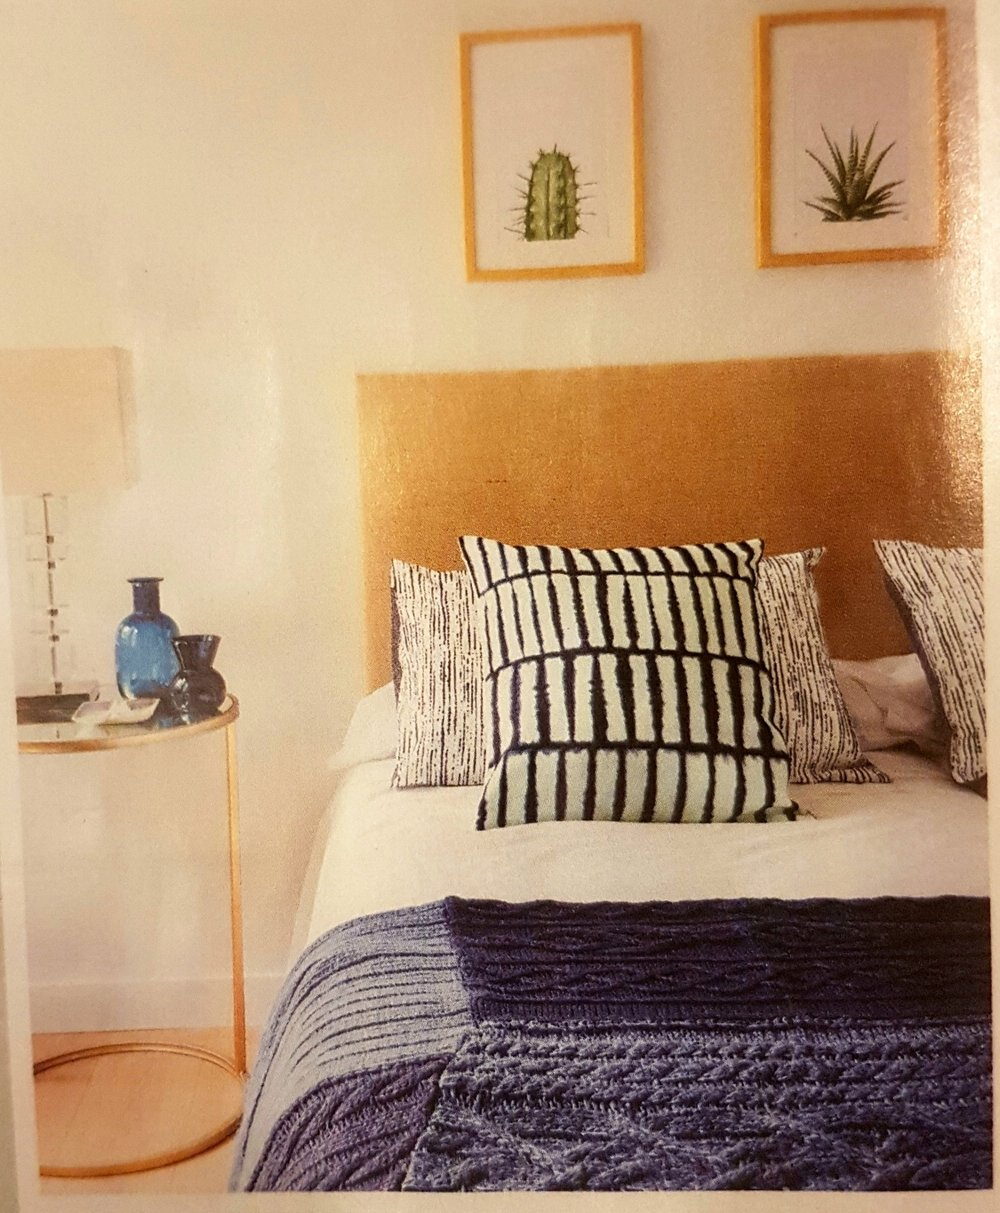 Perdonad la calidad de las fotos, están tomadas directamente de la revista. Para apreciar bien la calidad del trabajo tendréis que comprarla..!